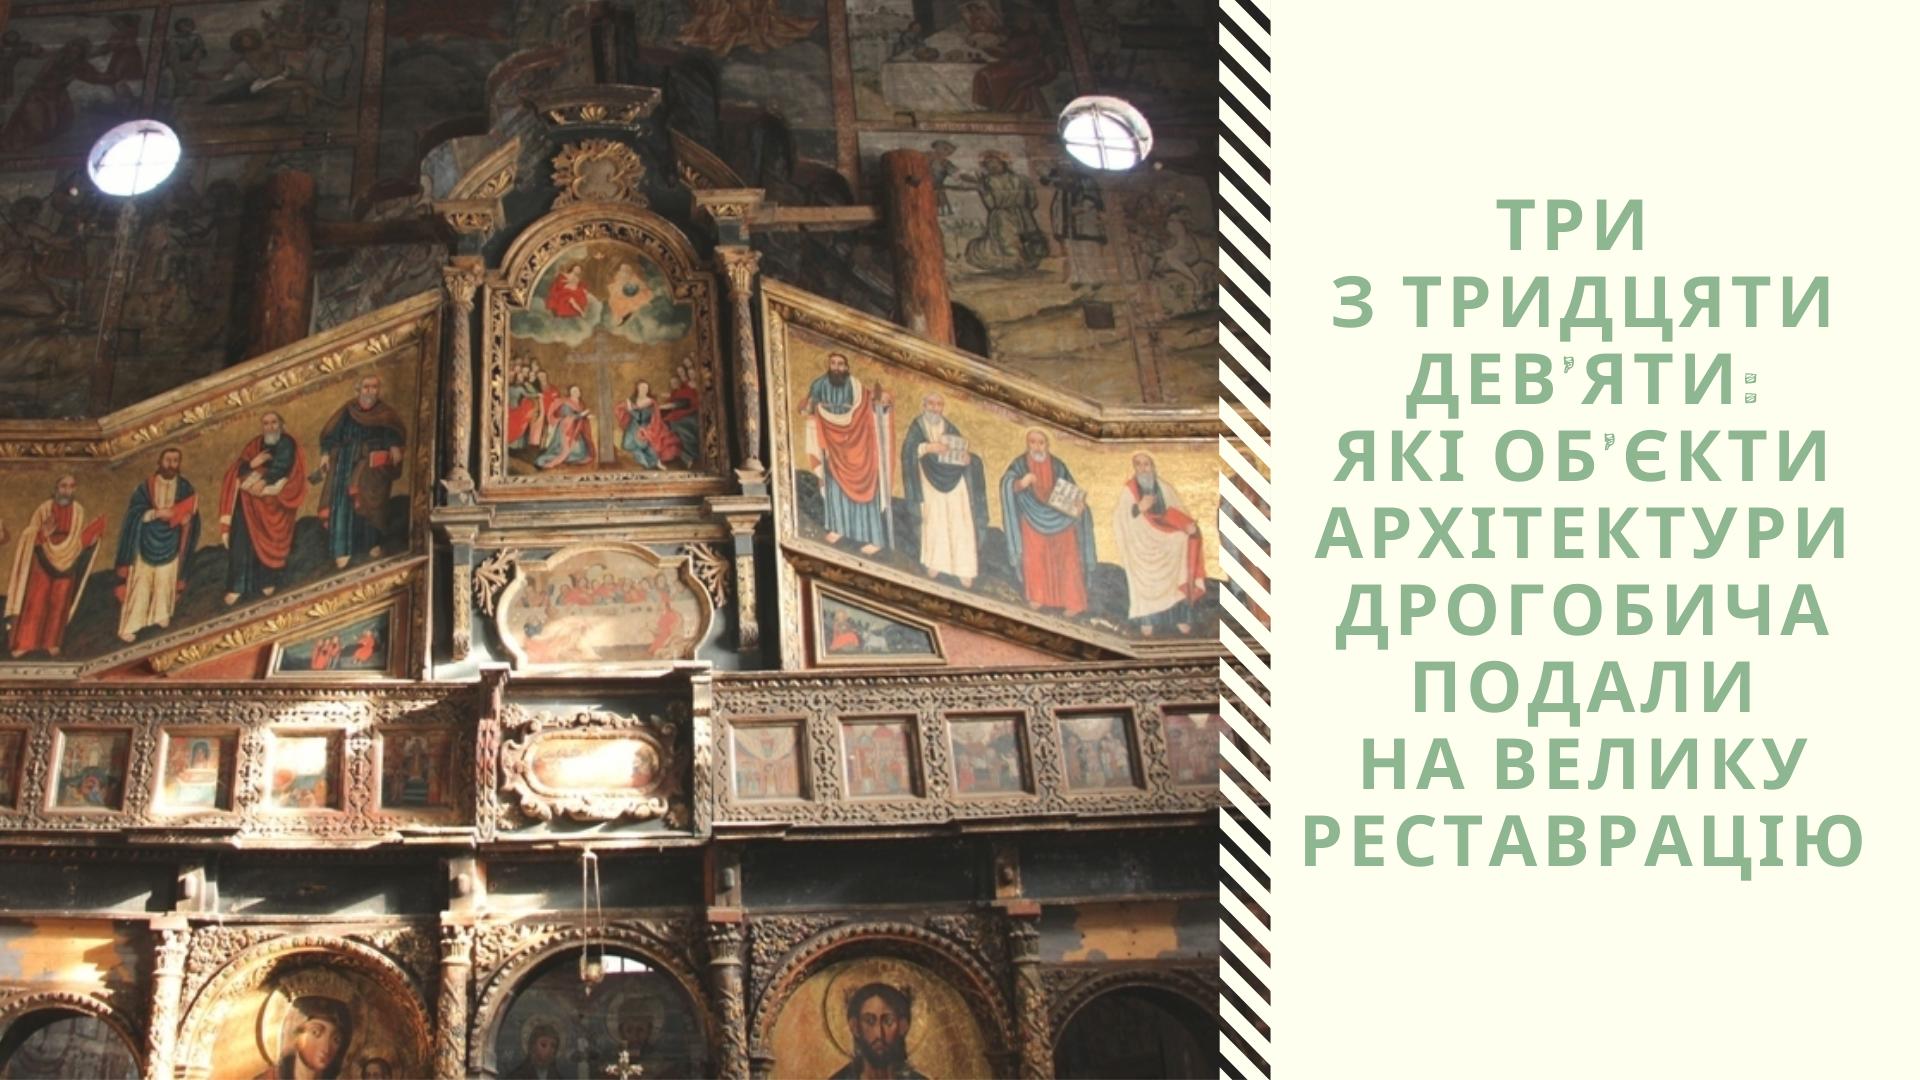 Три з тридцяти дев'яти: Які об'єкти архітектури Дрогобича подали на Велику реставрацію